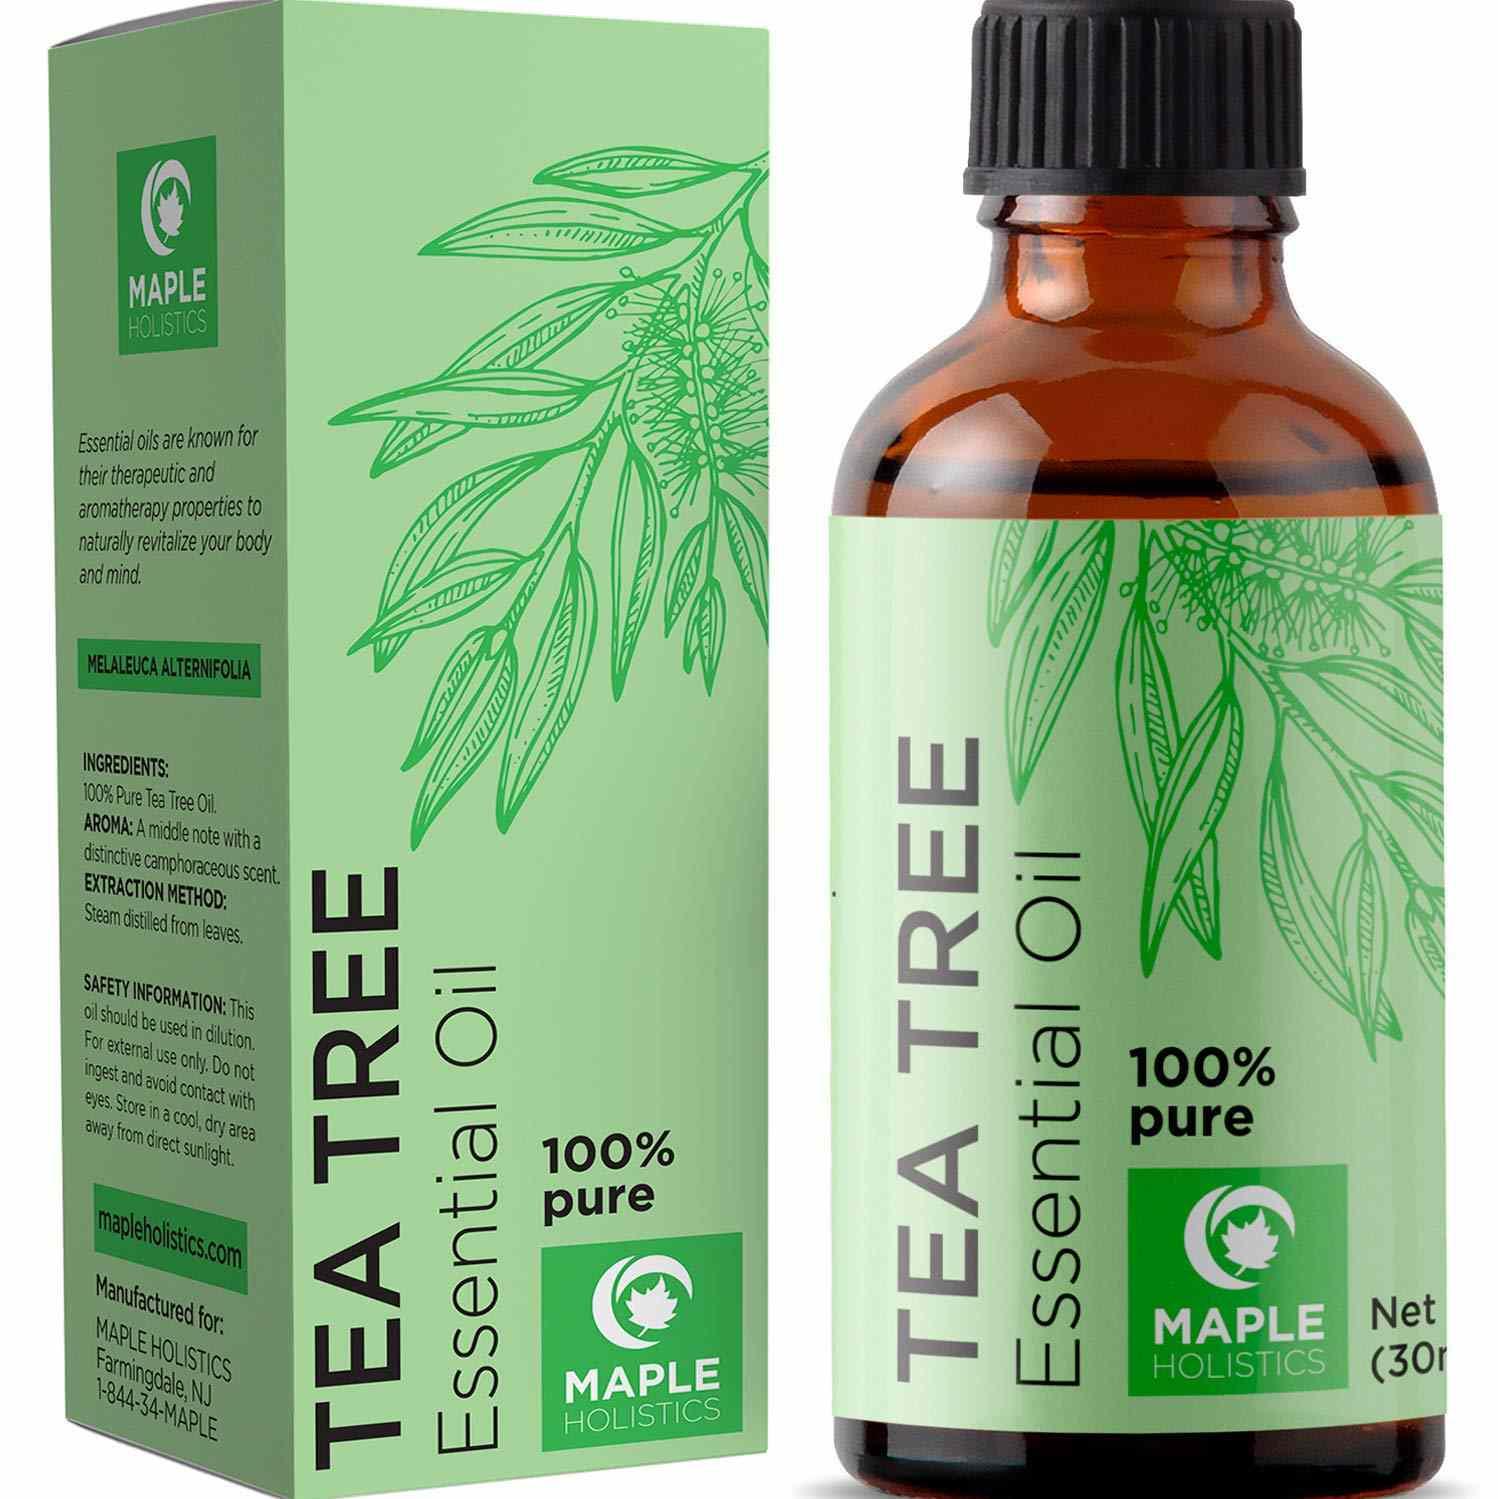 Maple Holistics 100% Pure Tea Tree Oil